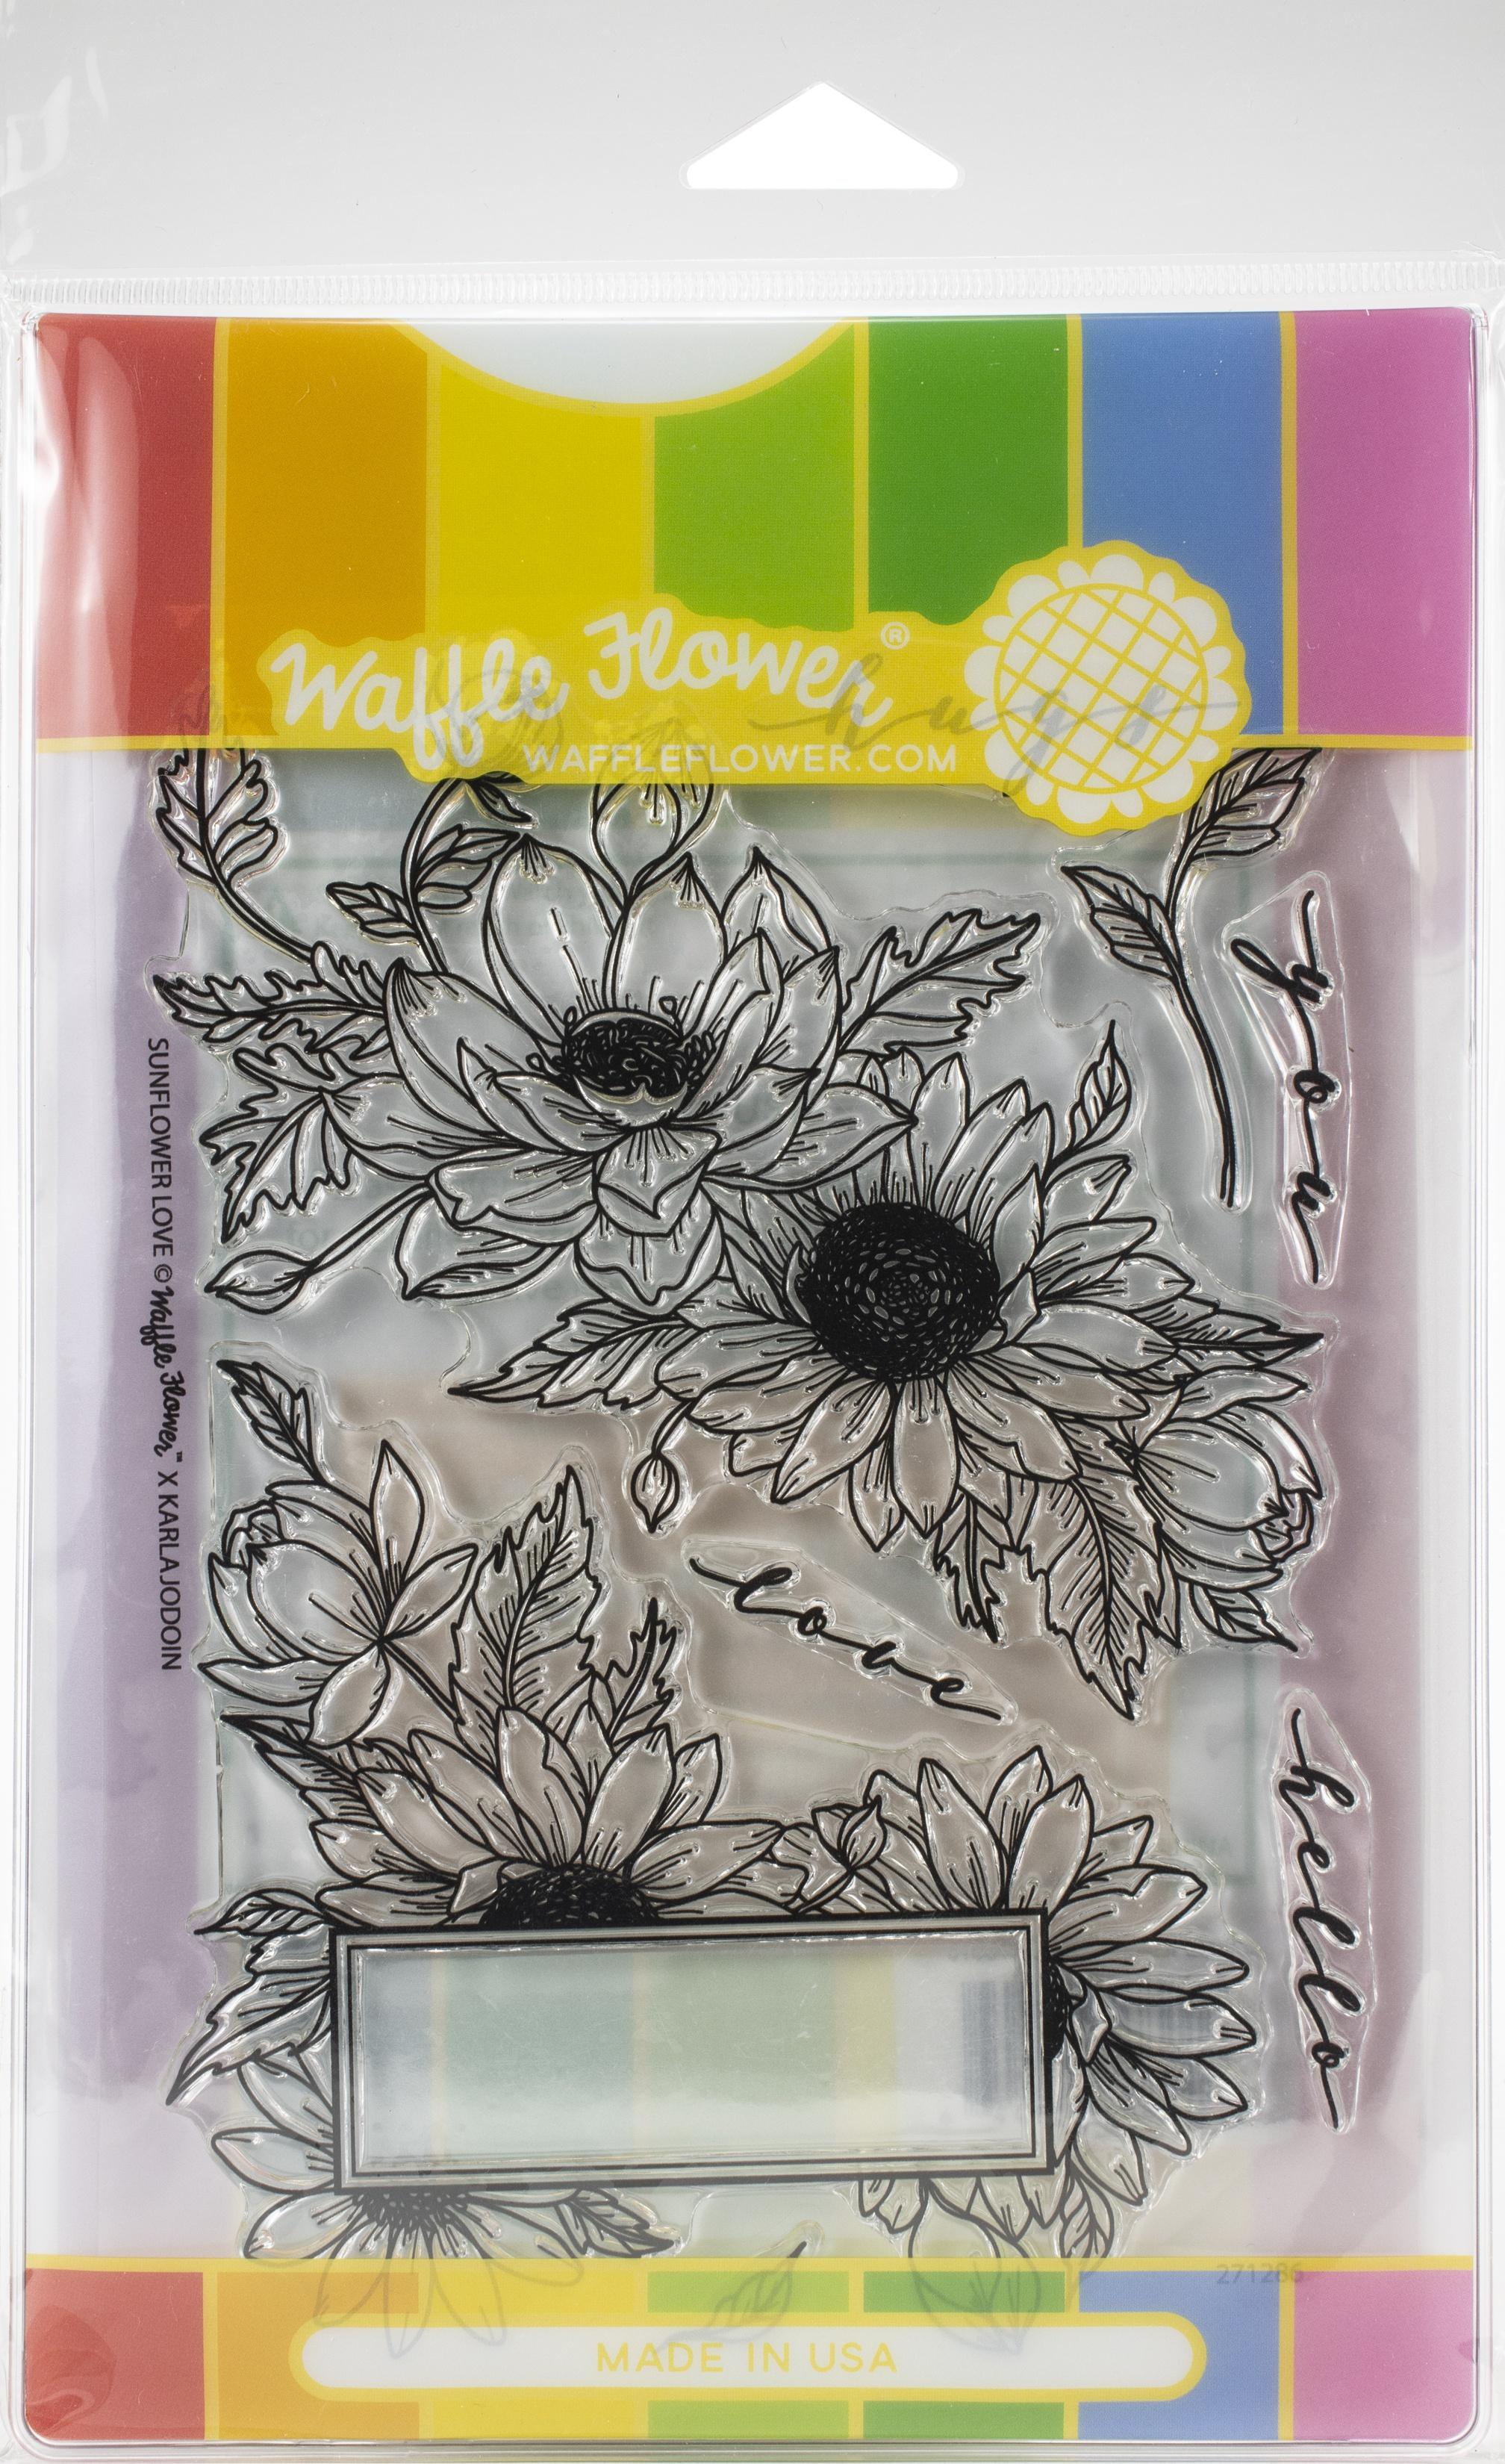 Waffle Flower Stamp & Die Set-Sunflower Love